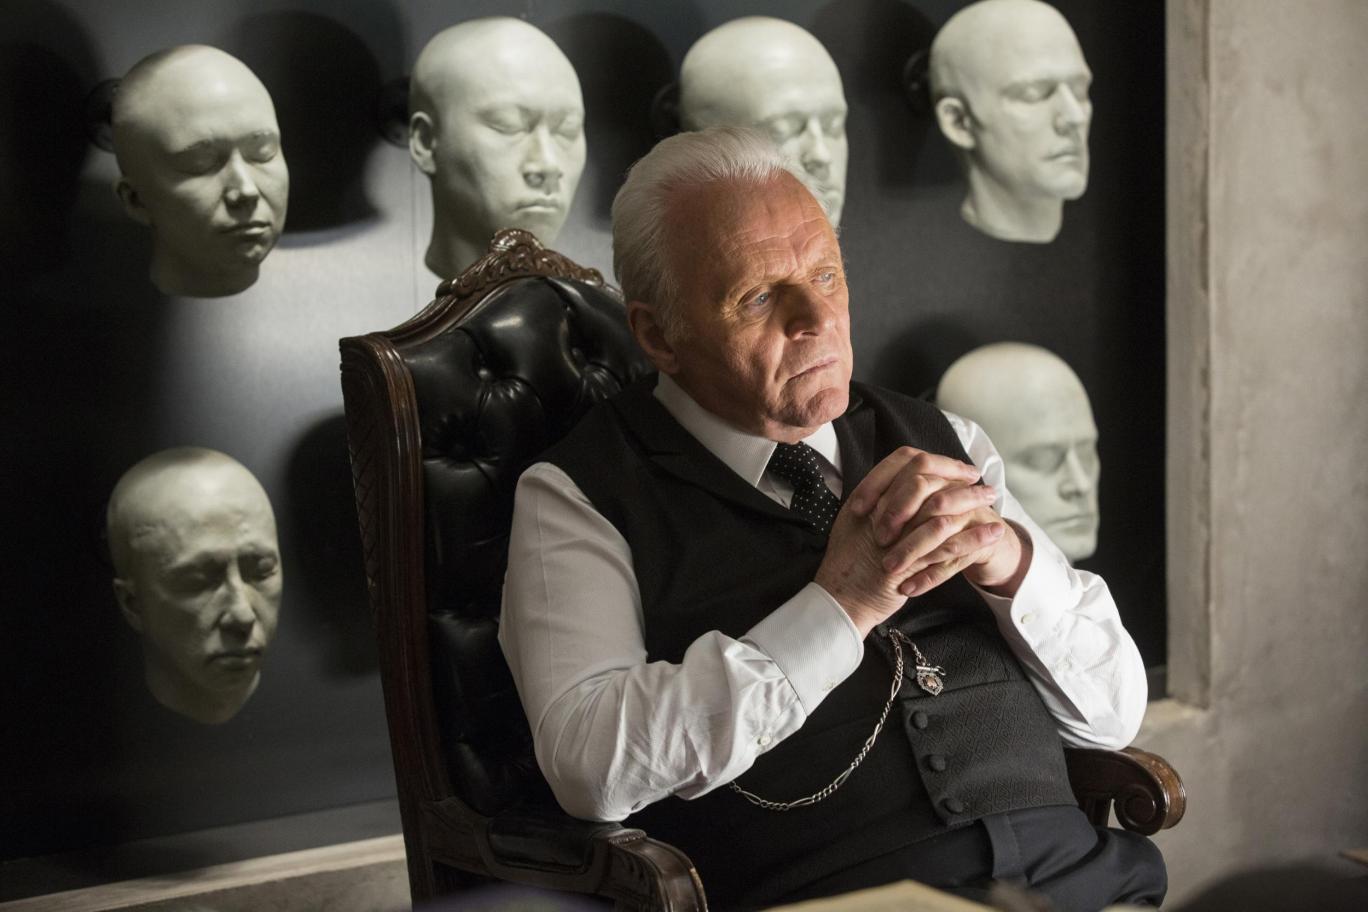 PÚBLICO - Sobre a noite passada: <i>Westworld</i> questionou mesmo a natureza da nossa realidade